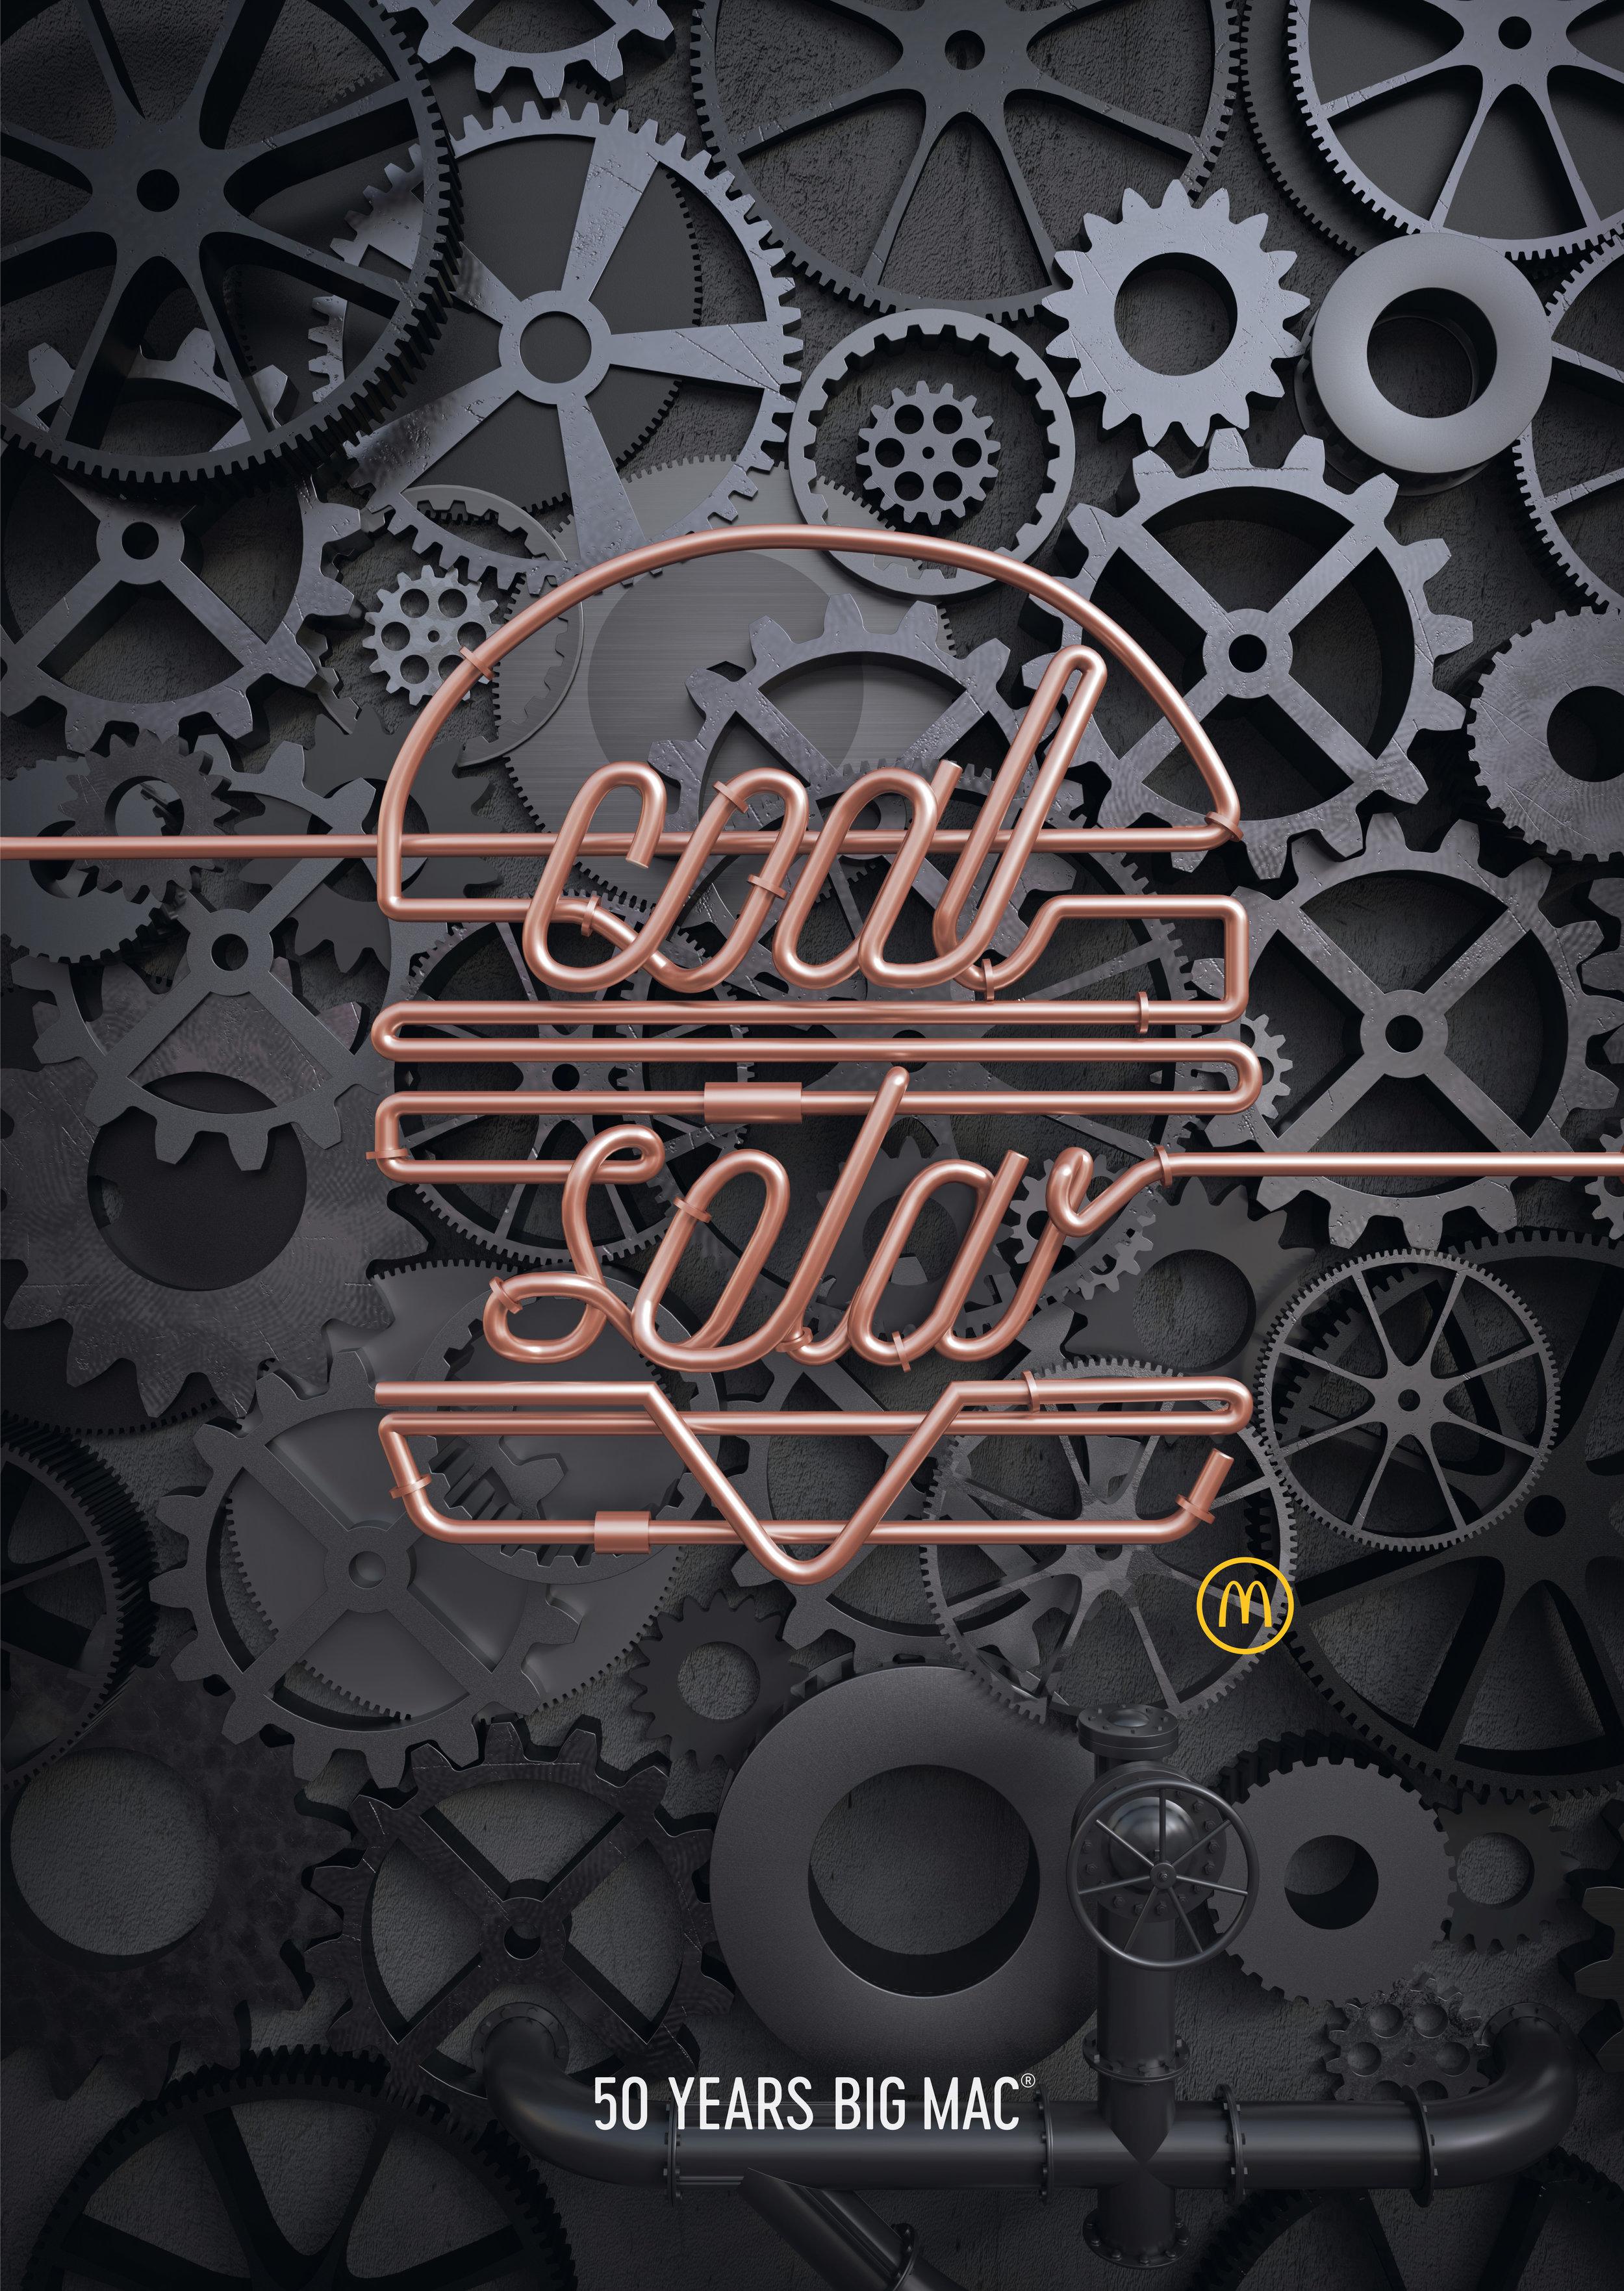 11_Coal:Solar.jpg